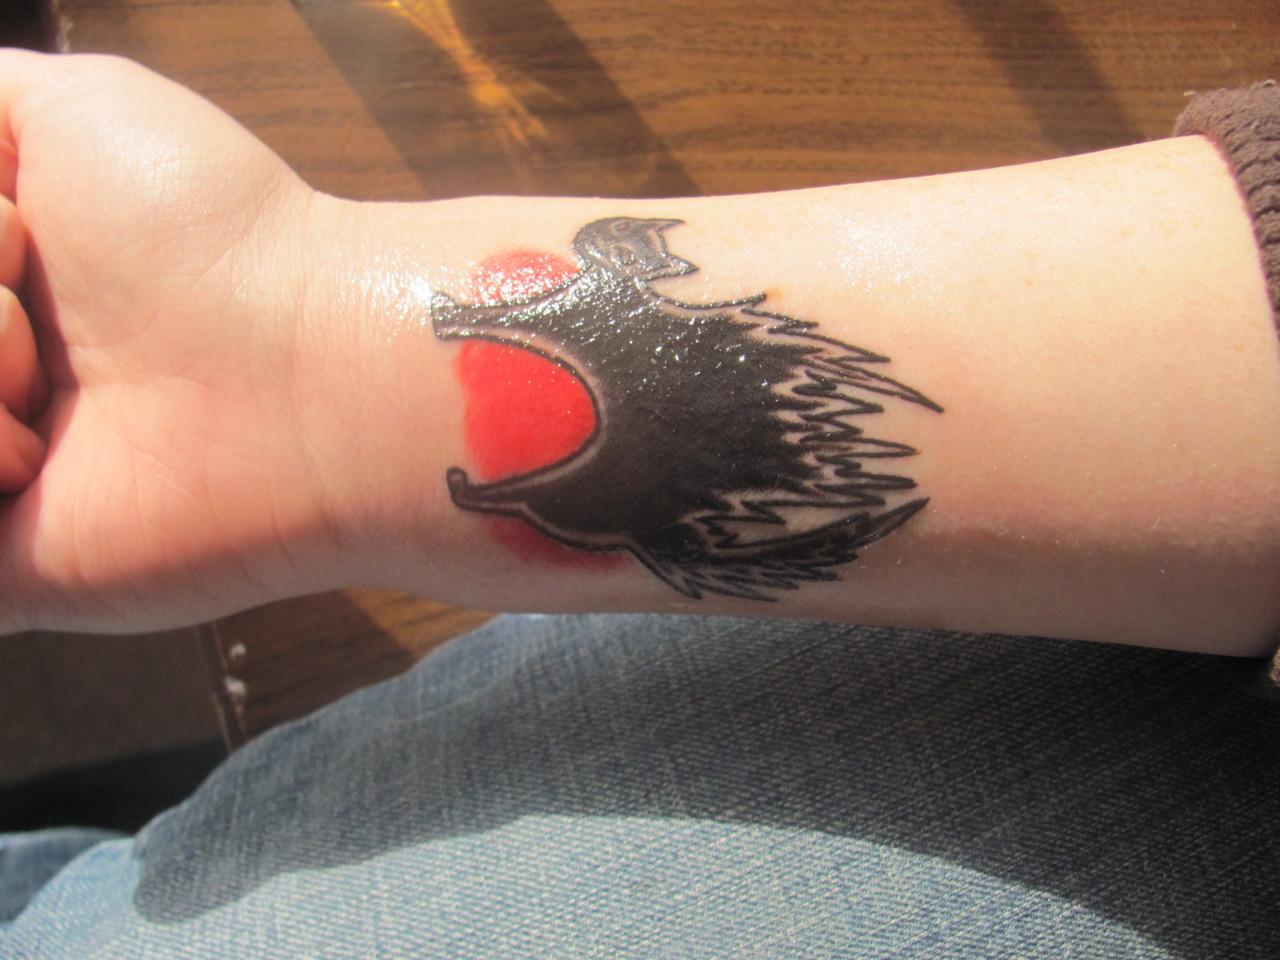 boyfriend matching tattoos best friend 64116 jpg